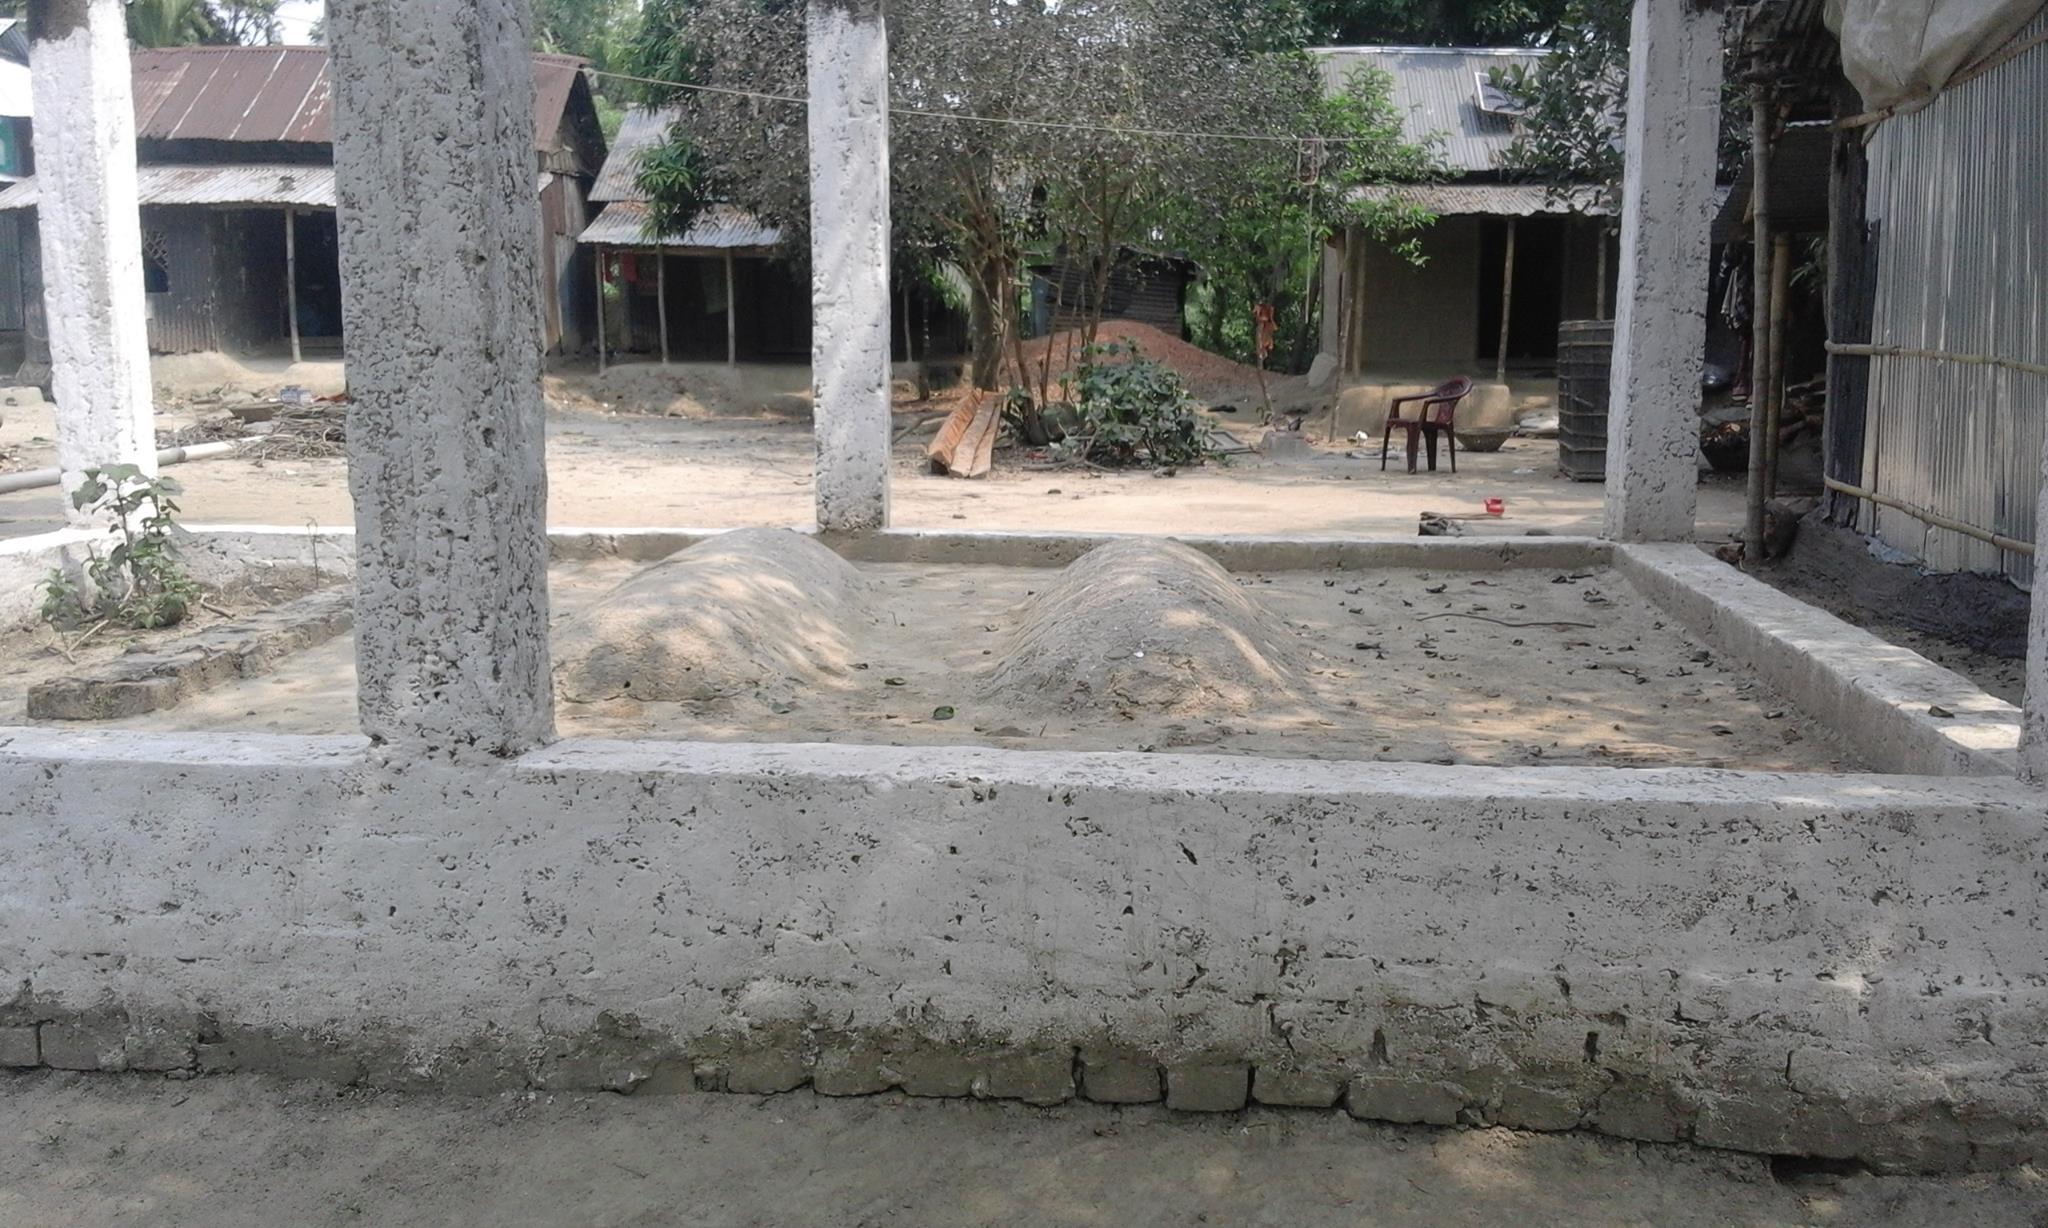 উকিল মুন্সী ও আব্দুস সাত্তারের কবর। এপ্রিল ২০১৬। ছবি জুবায়ের অপু